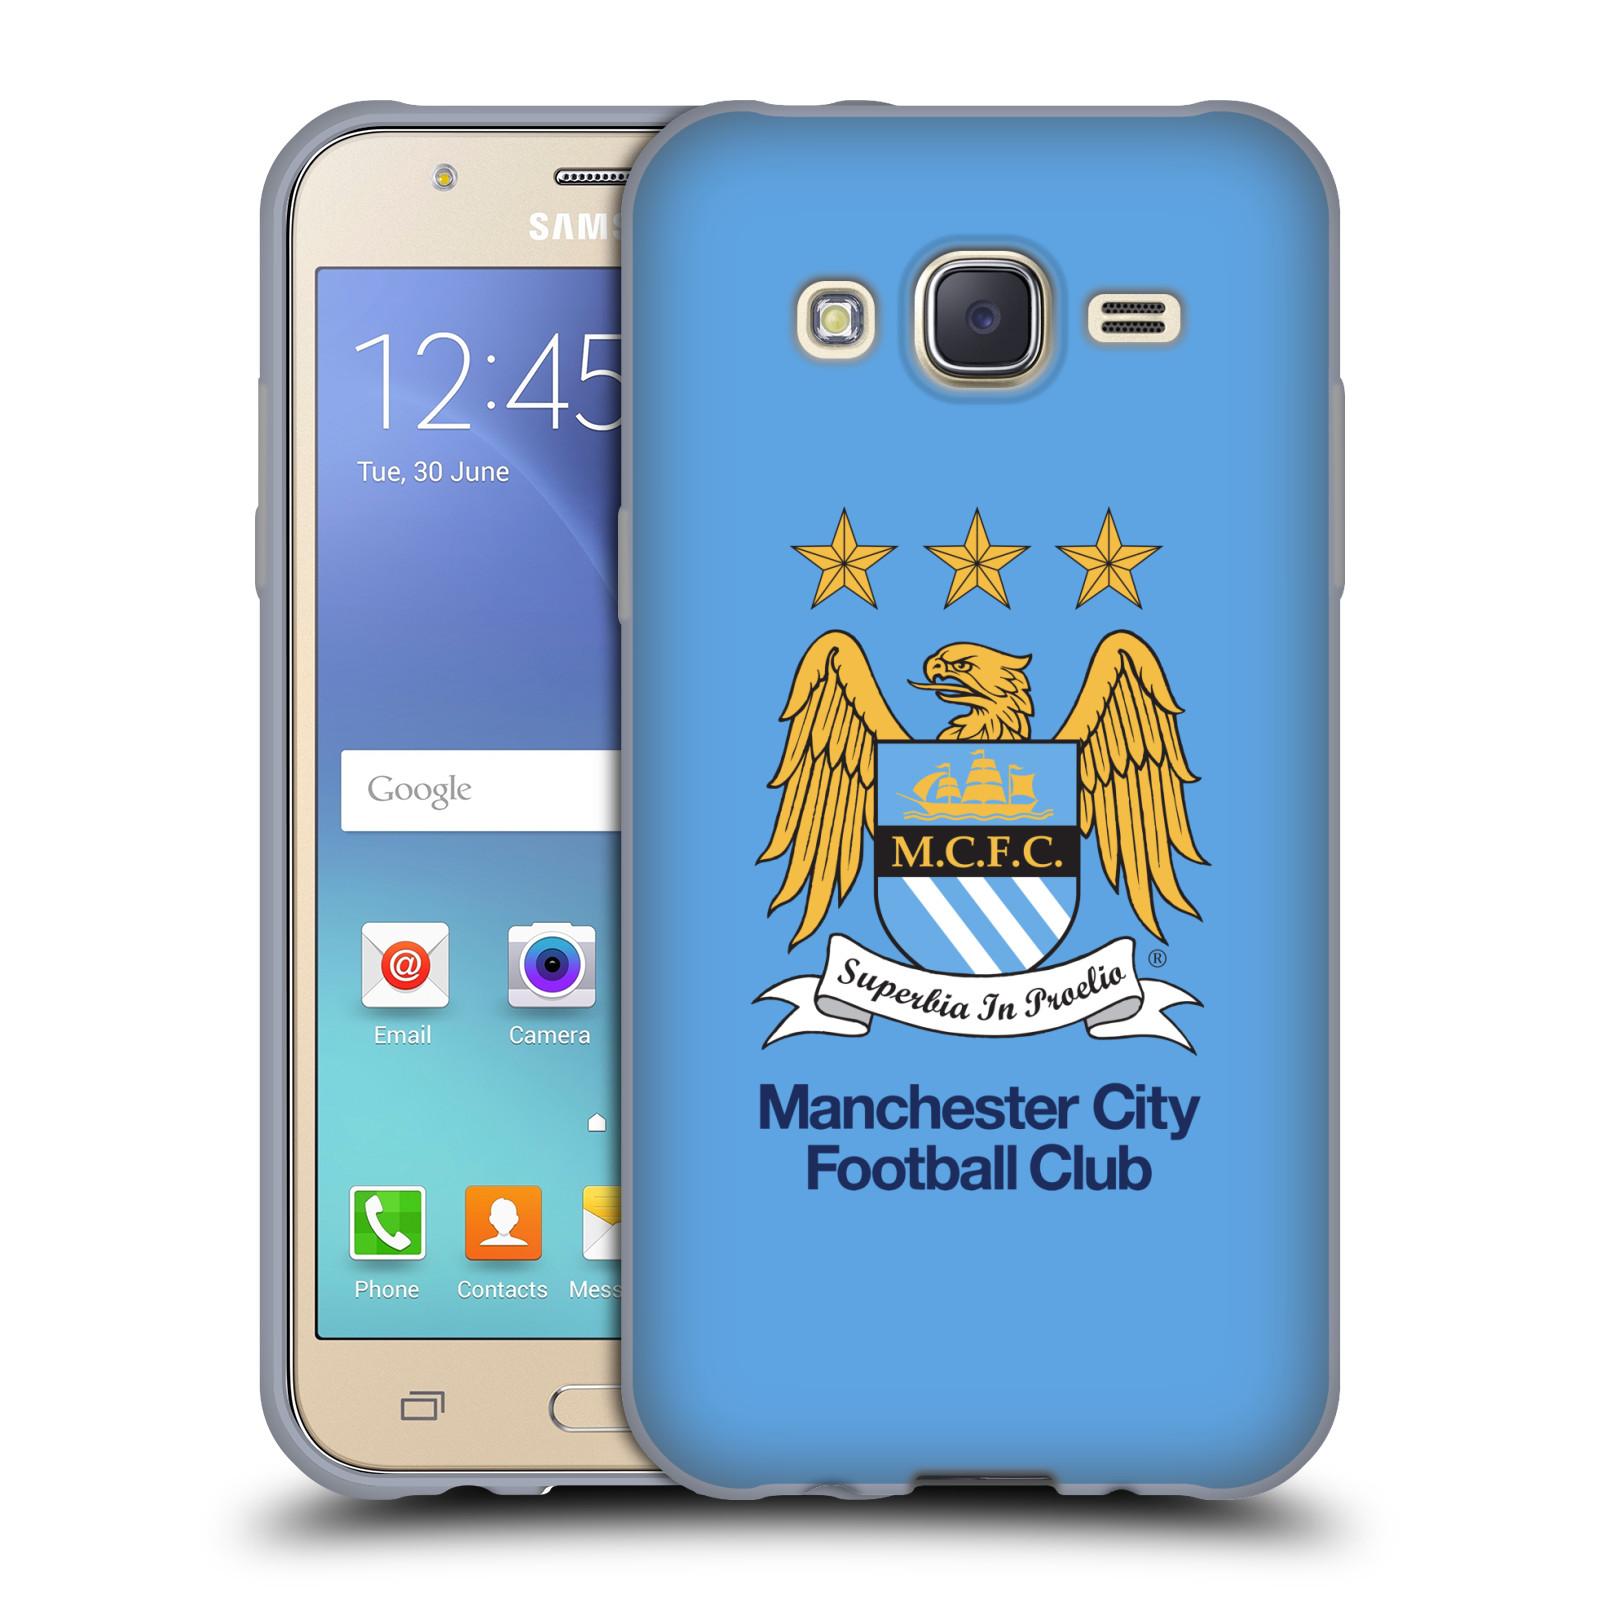 HEAD CASE silikonový obal na mobil Samsung Galaxy J5 2015 (J500) Fotbalový klub Manchester City nebesky modrá pozadí velký znak pták